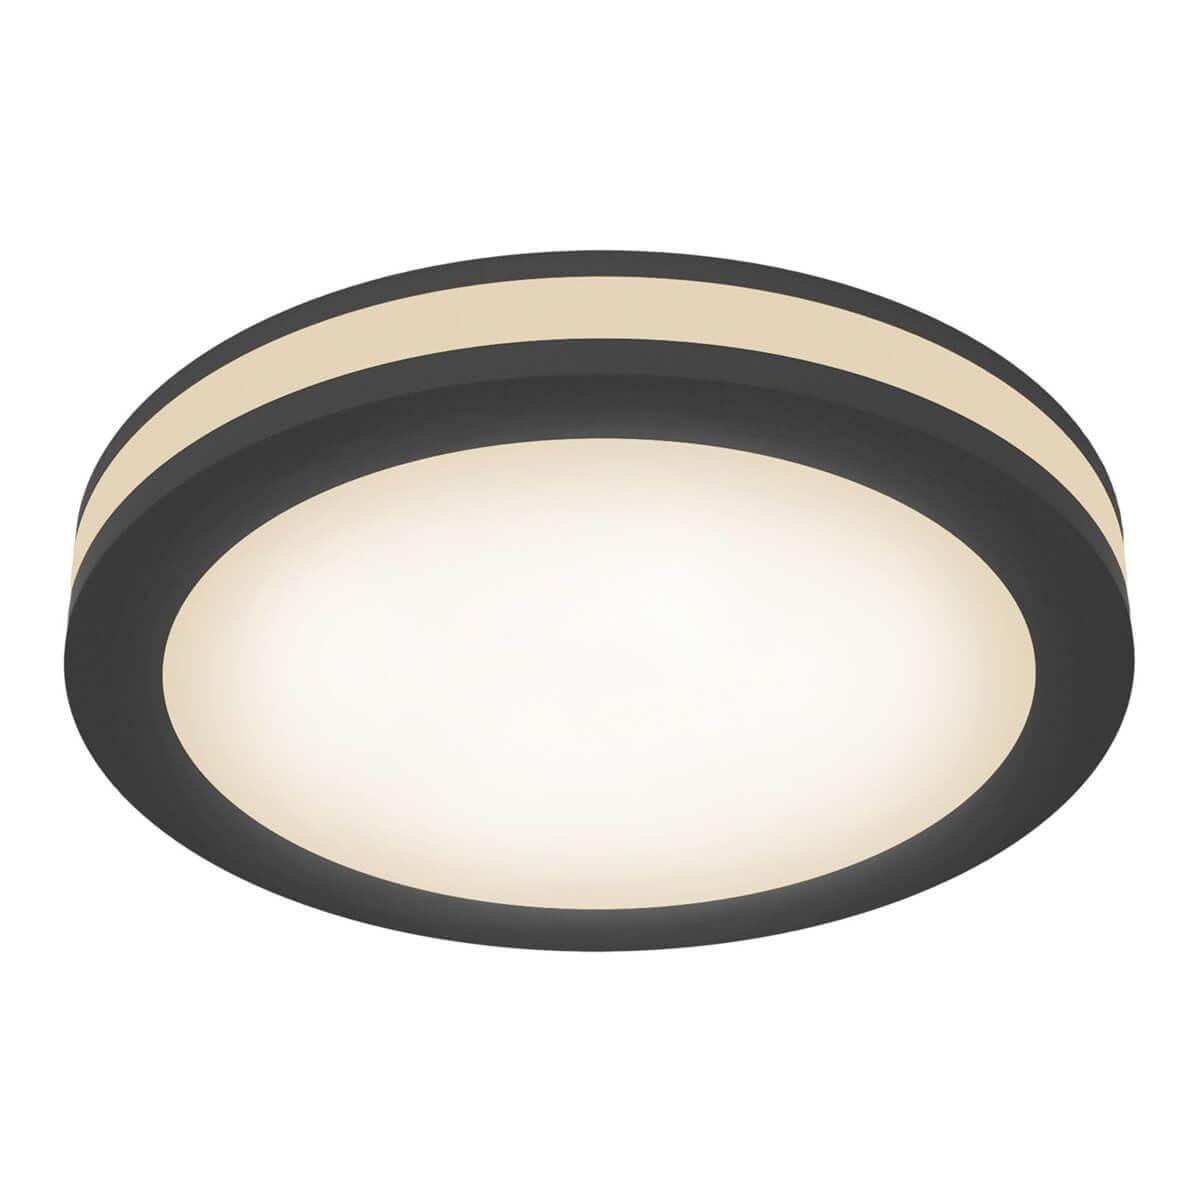 Встраиваемый светодиодный светильник Maytoni Phanton DL303-L12B4K